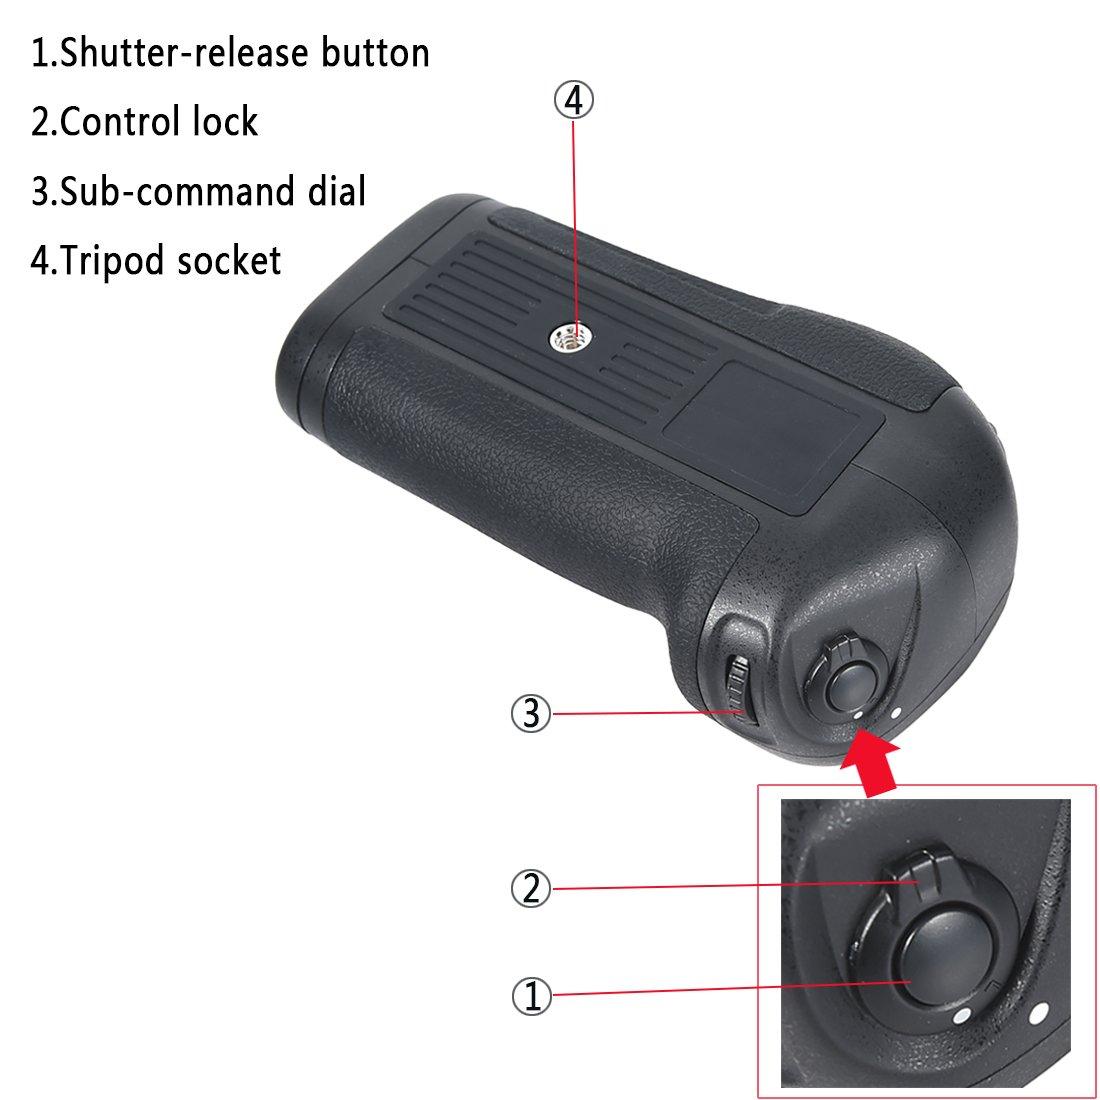 Dste Pro Mb D12 Vertical Battery Grip For Nikon D810 Imaging Products Parts And Controls D800 D800e D810a Dslr Digital Camera As En El15 Photo